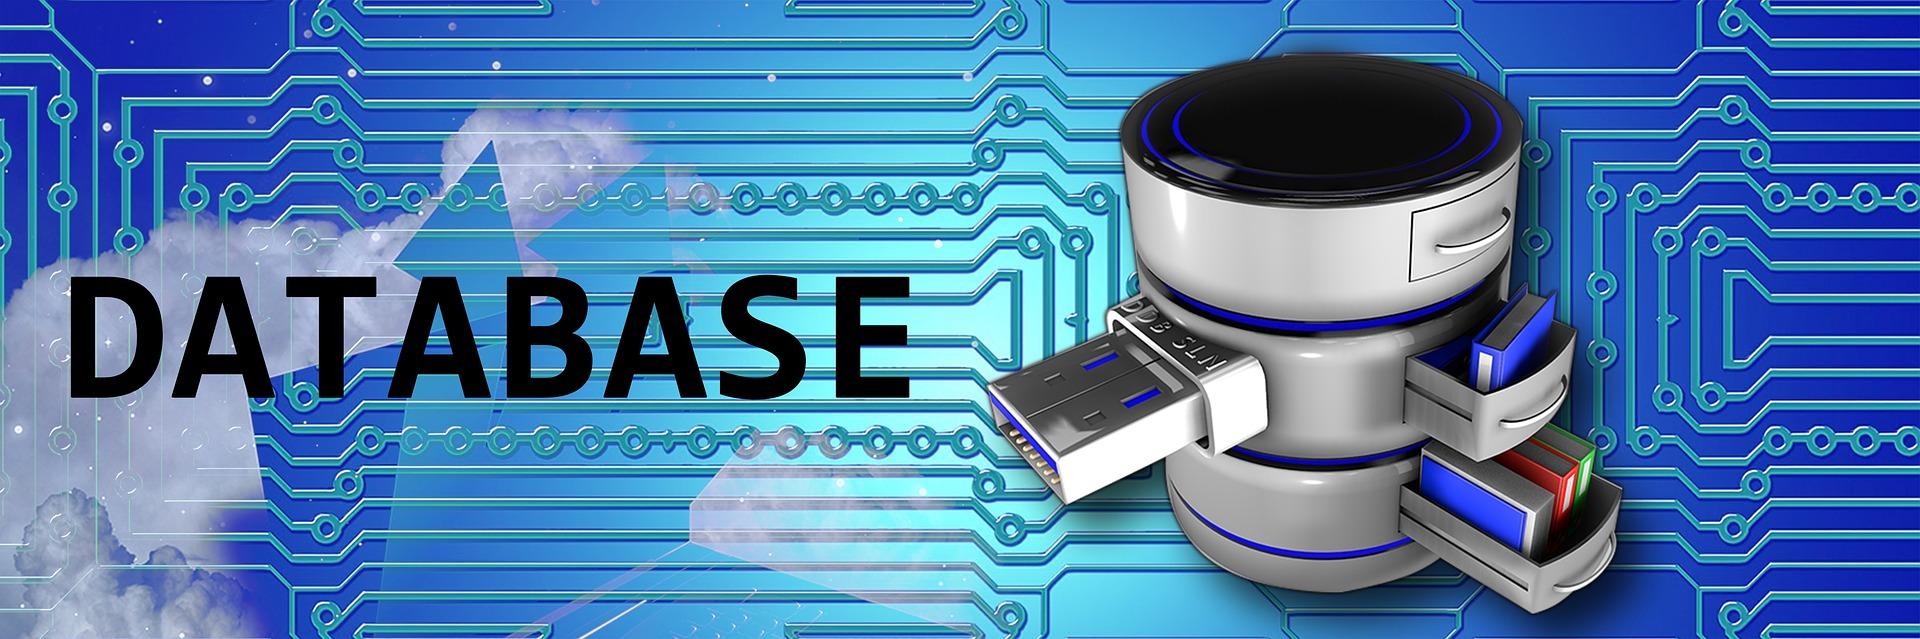 belajar sql untuk memanipulasi data dalam database